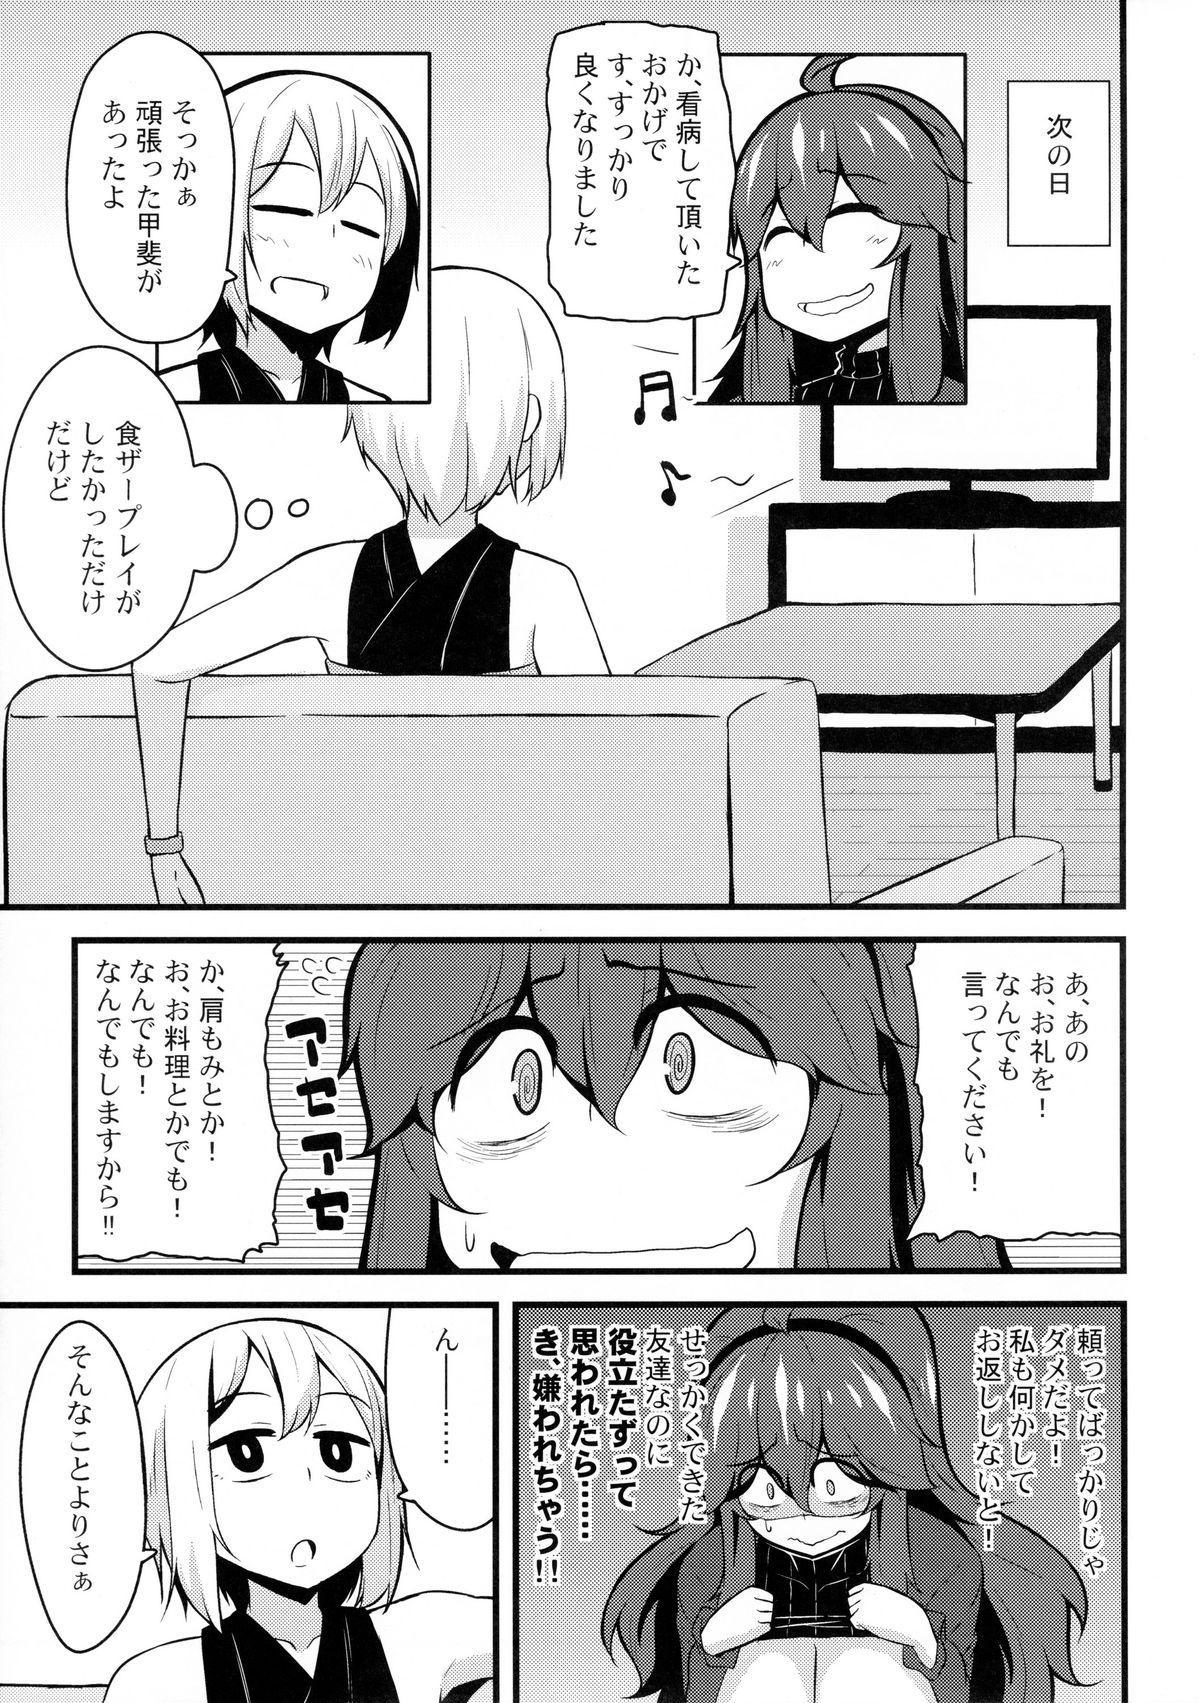 Tomodachi? Maniac 02 9